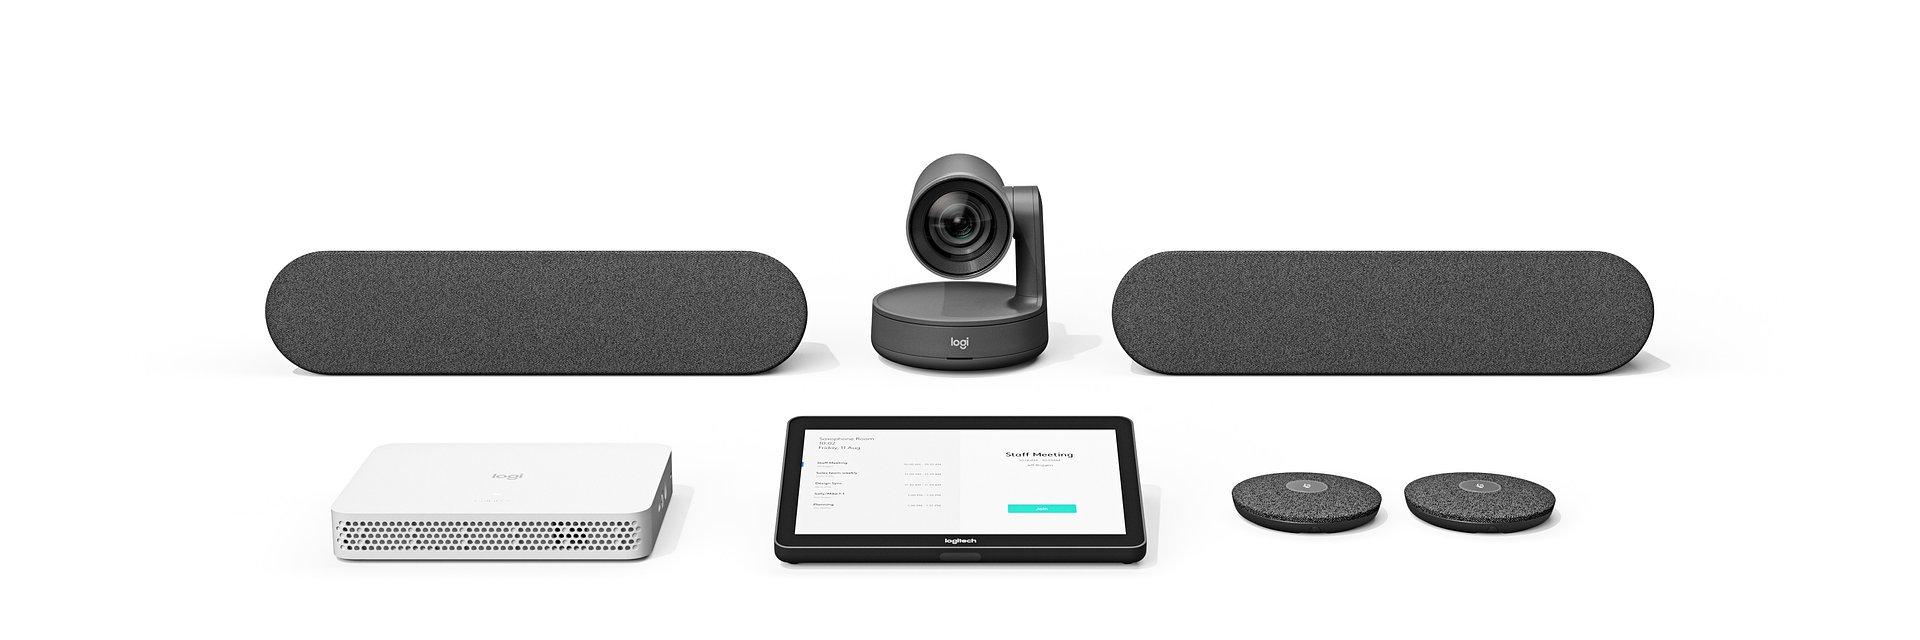 Prosta i kompleksowa obsługa spotkań wideo – Logitech RoomMate w sprzedaży